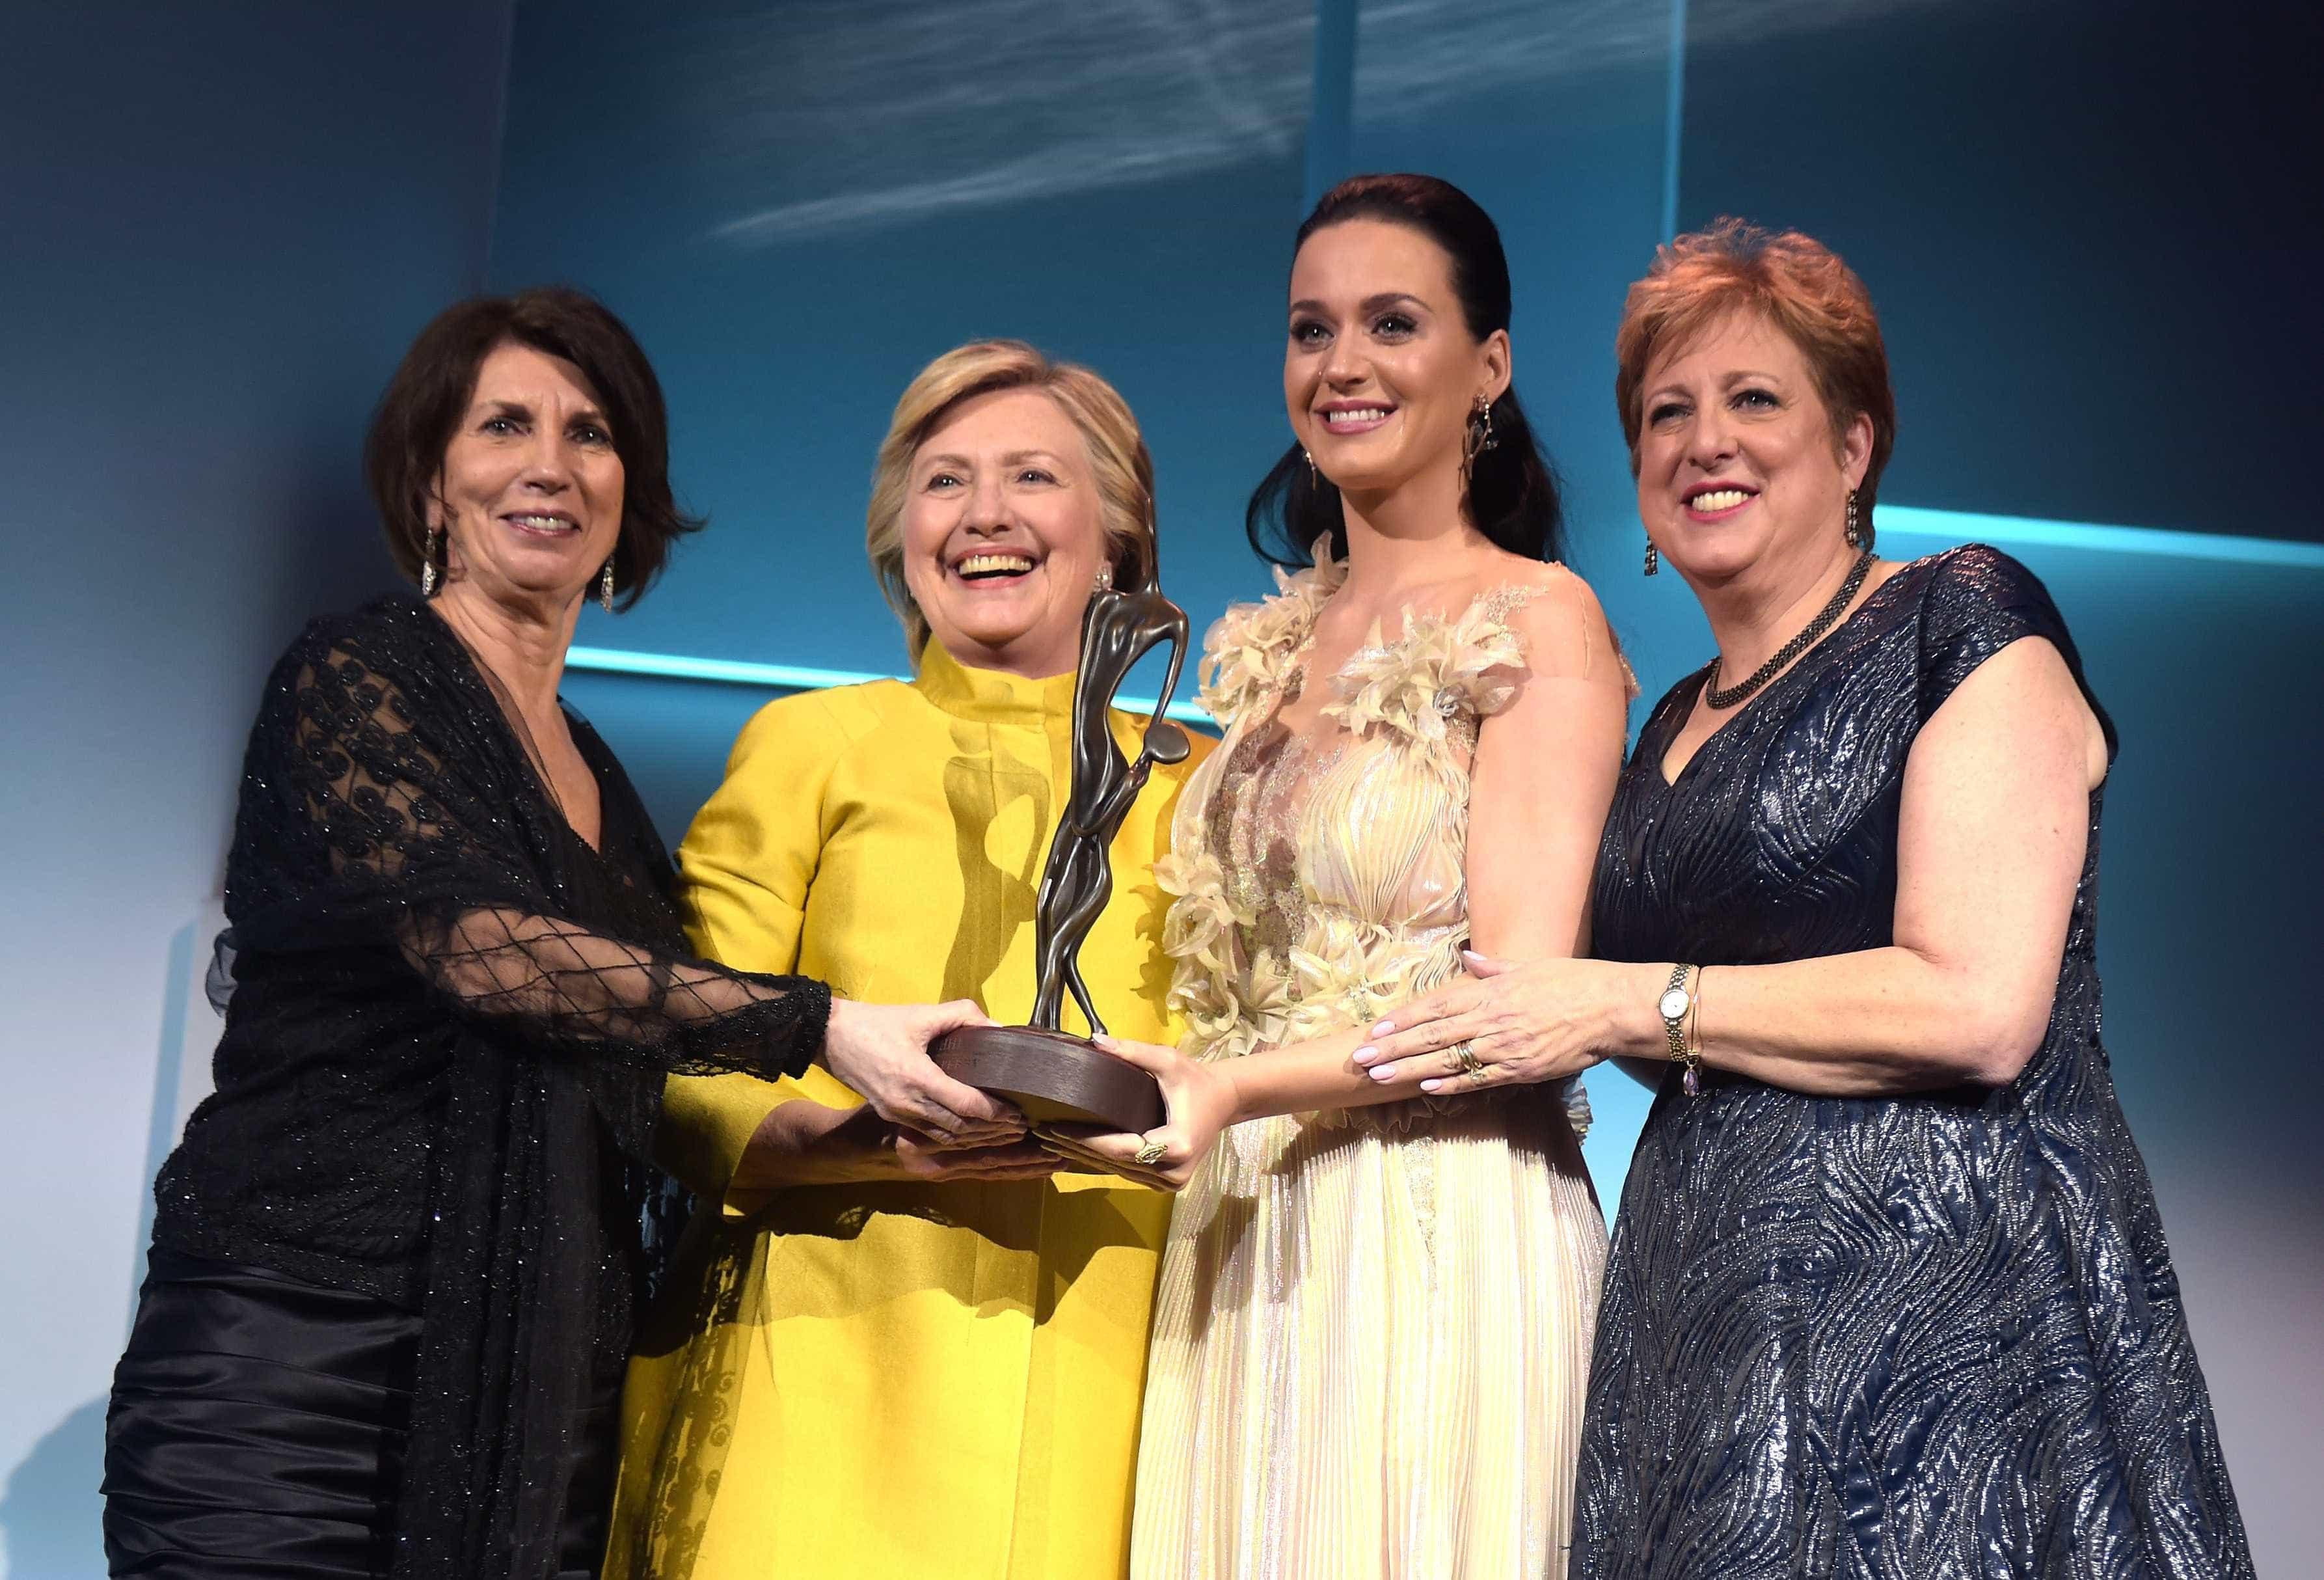 Hillary Clinton aparece de surpresa e entrega prémio a Katy Perry -